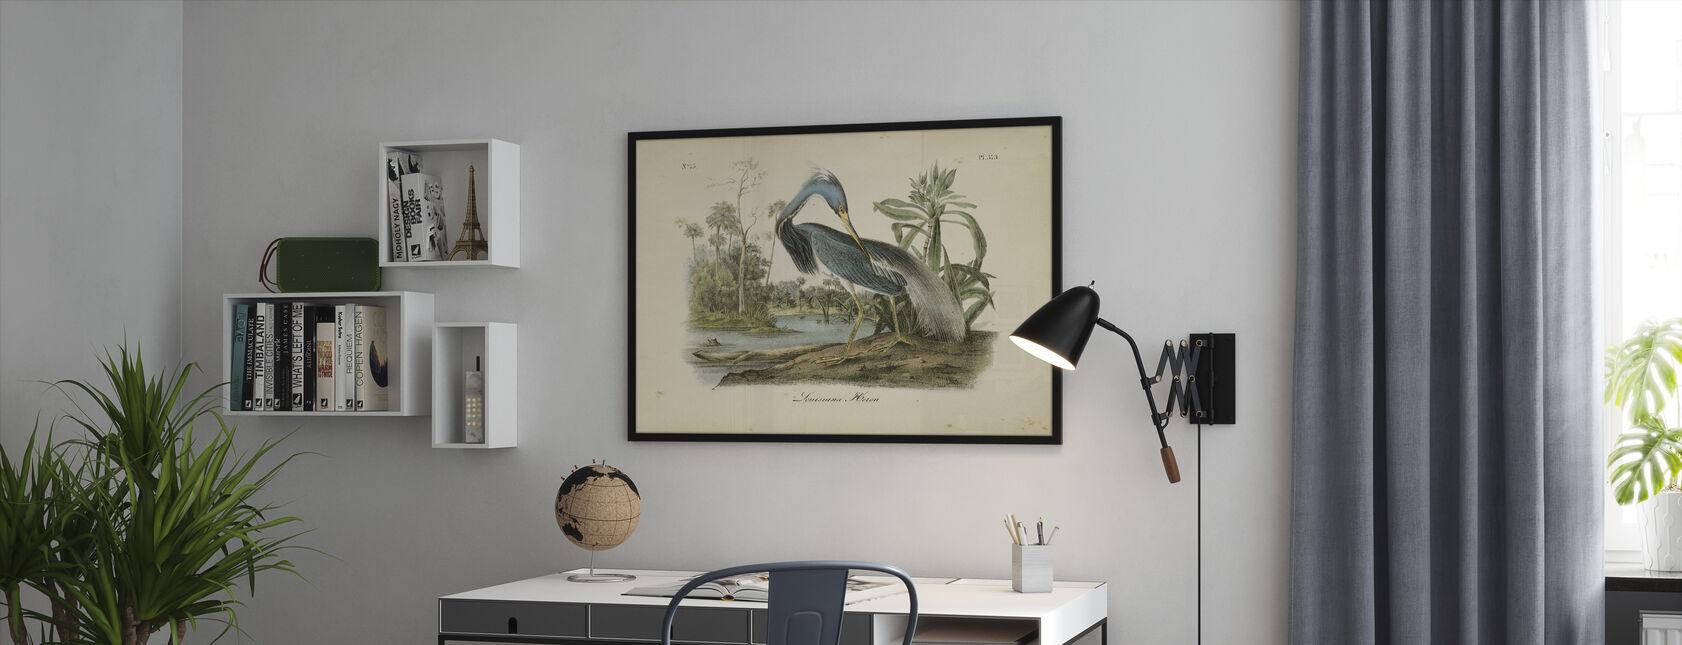 Audubons Louisanna Hegre - Innrammet bilde - Kontor